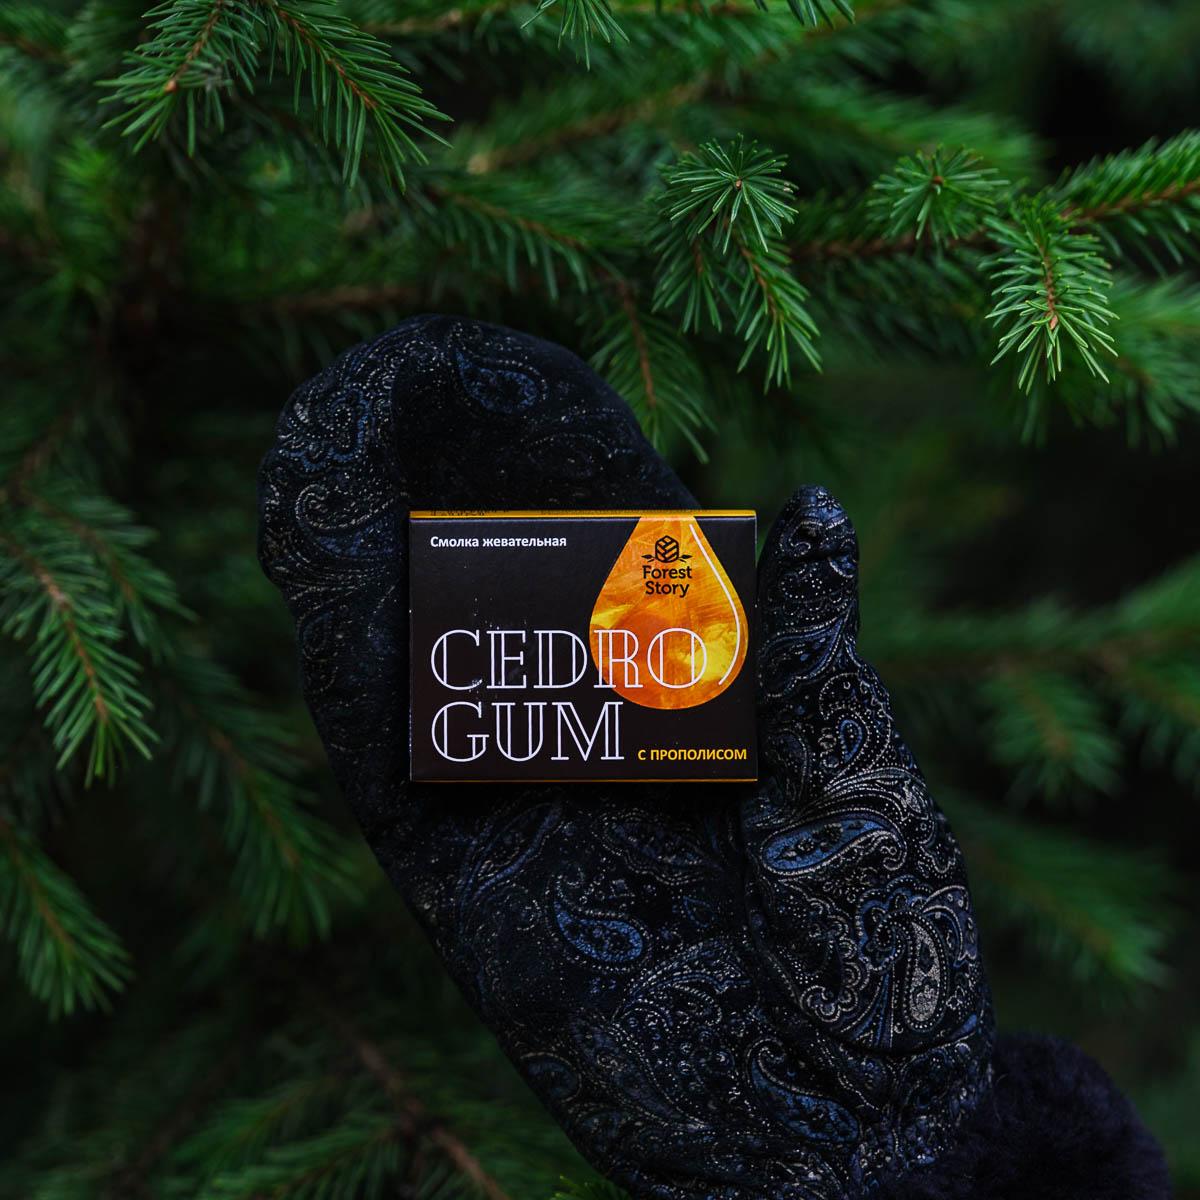 Смолка жевательная KEDRO CUM с прополисом